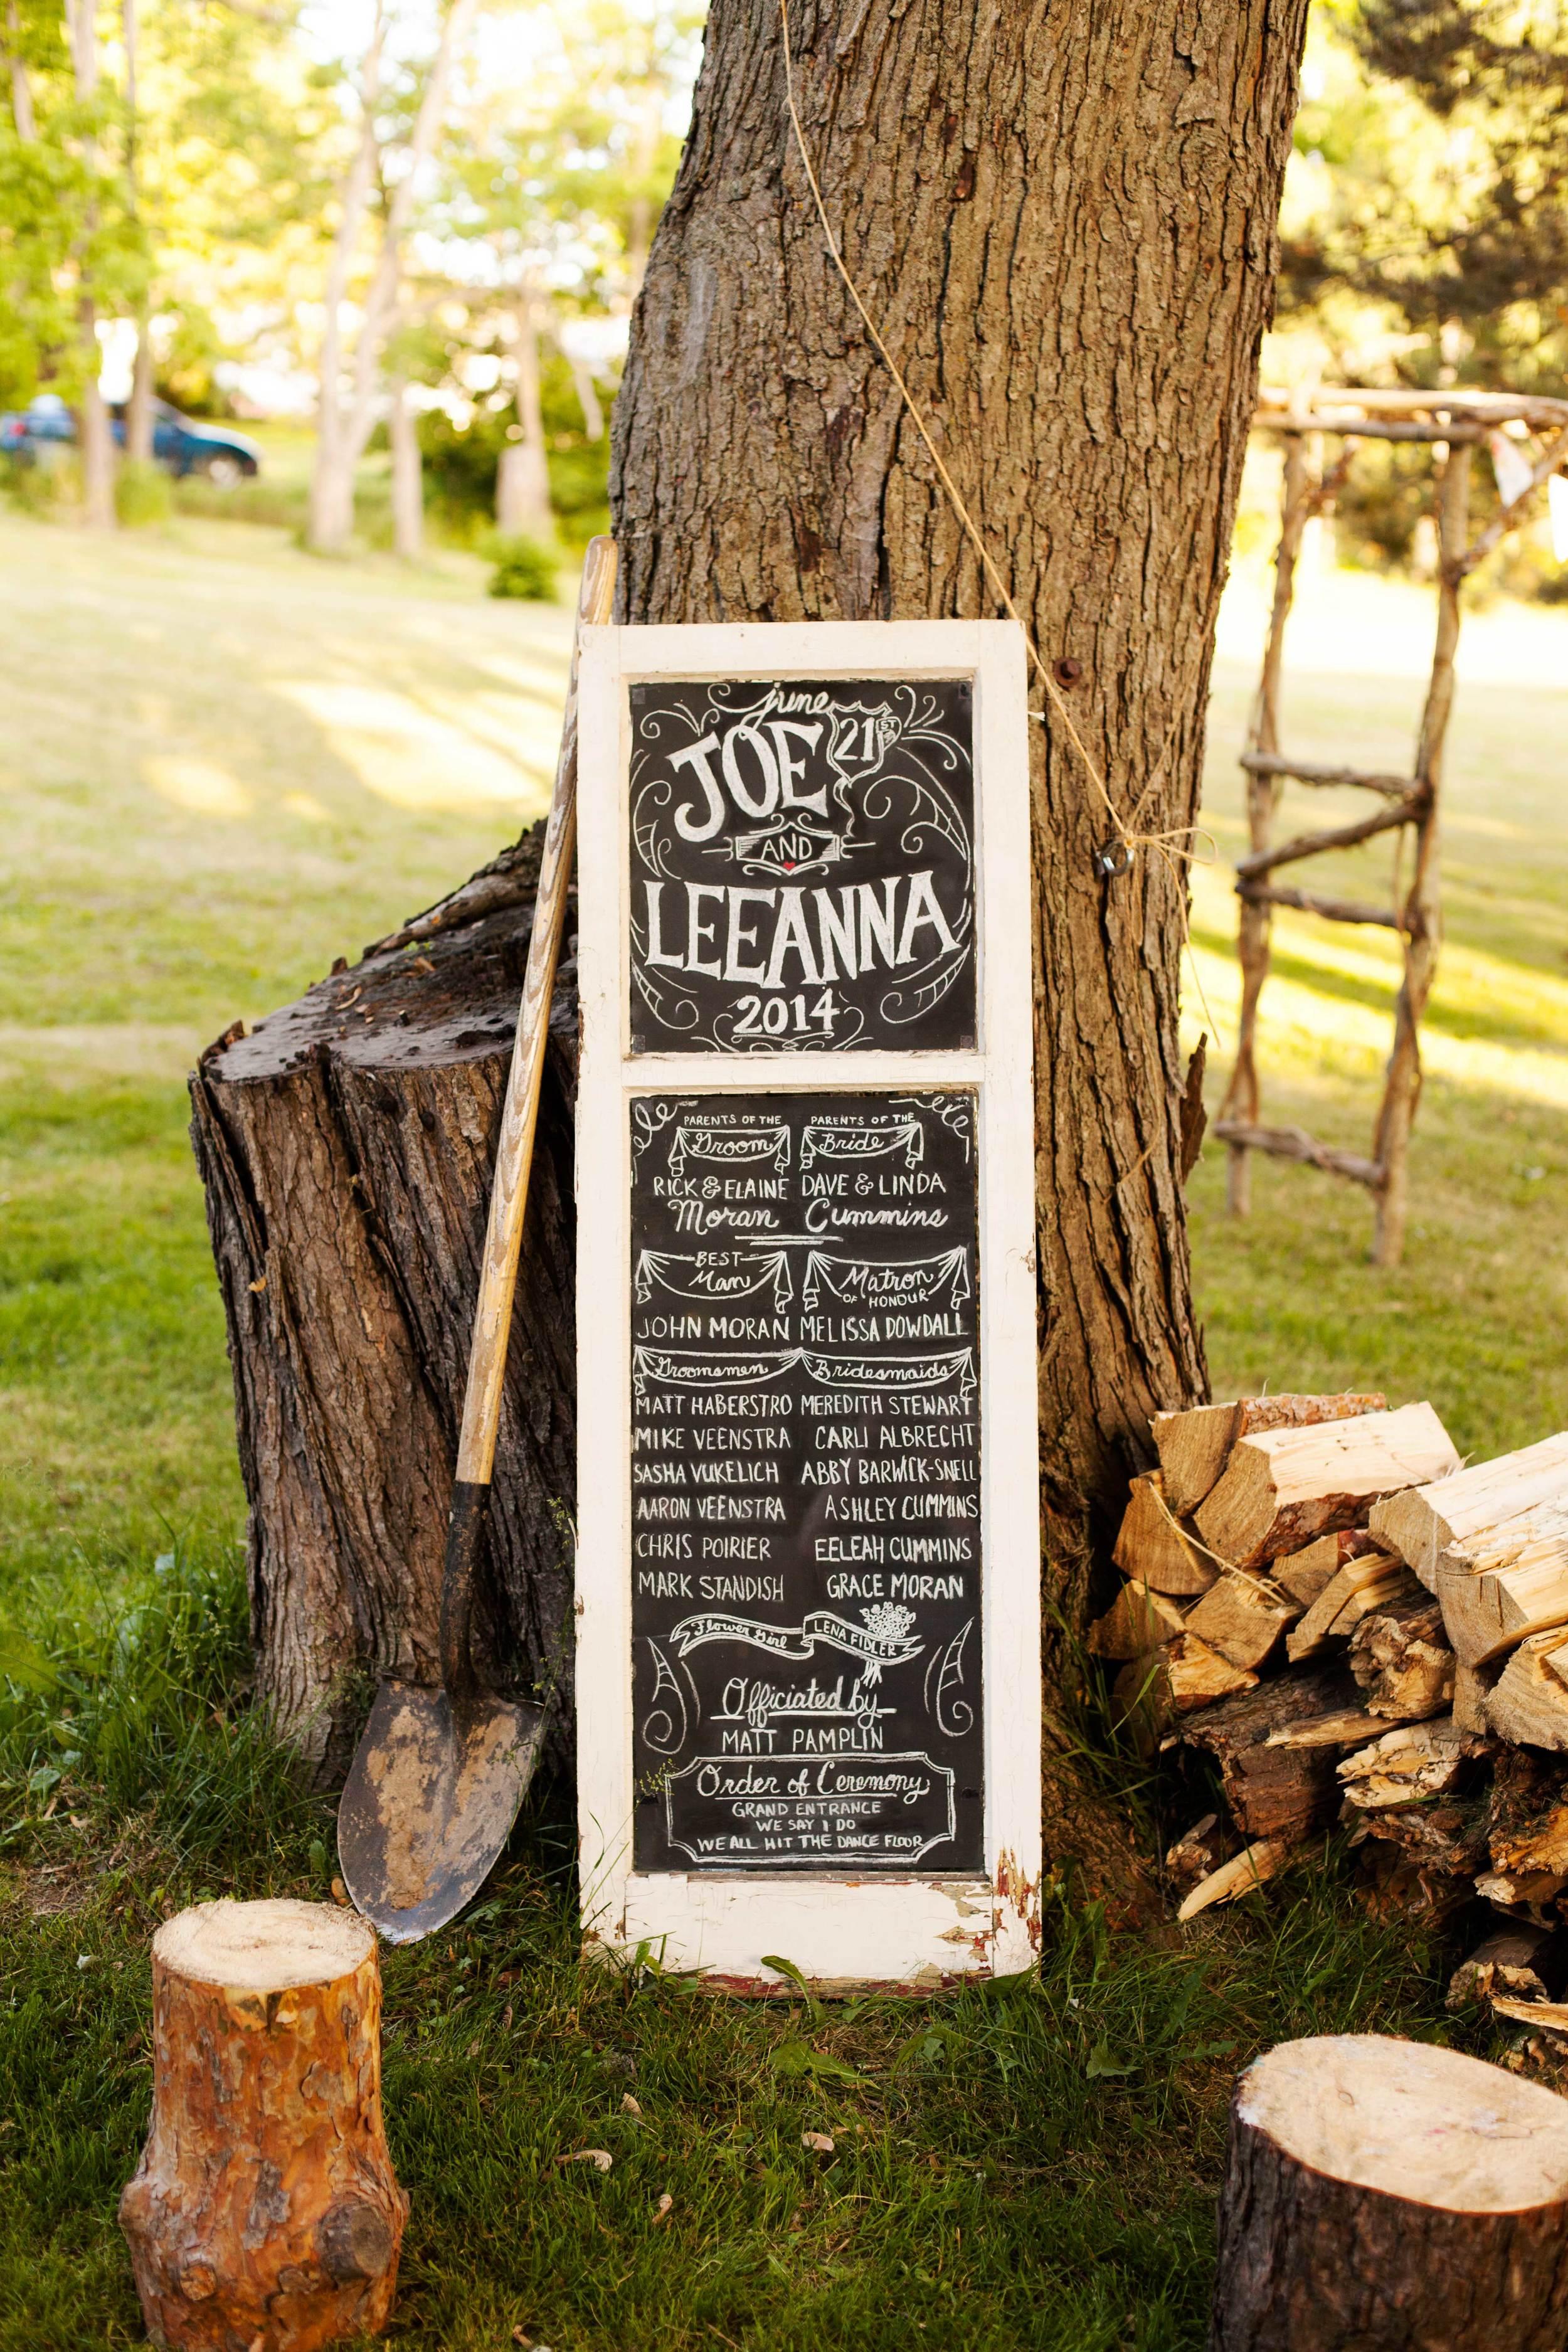 Joe-&-LeeAnna-567.jpg